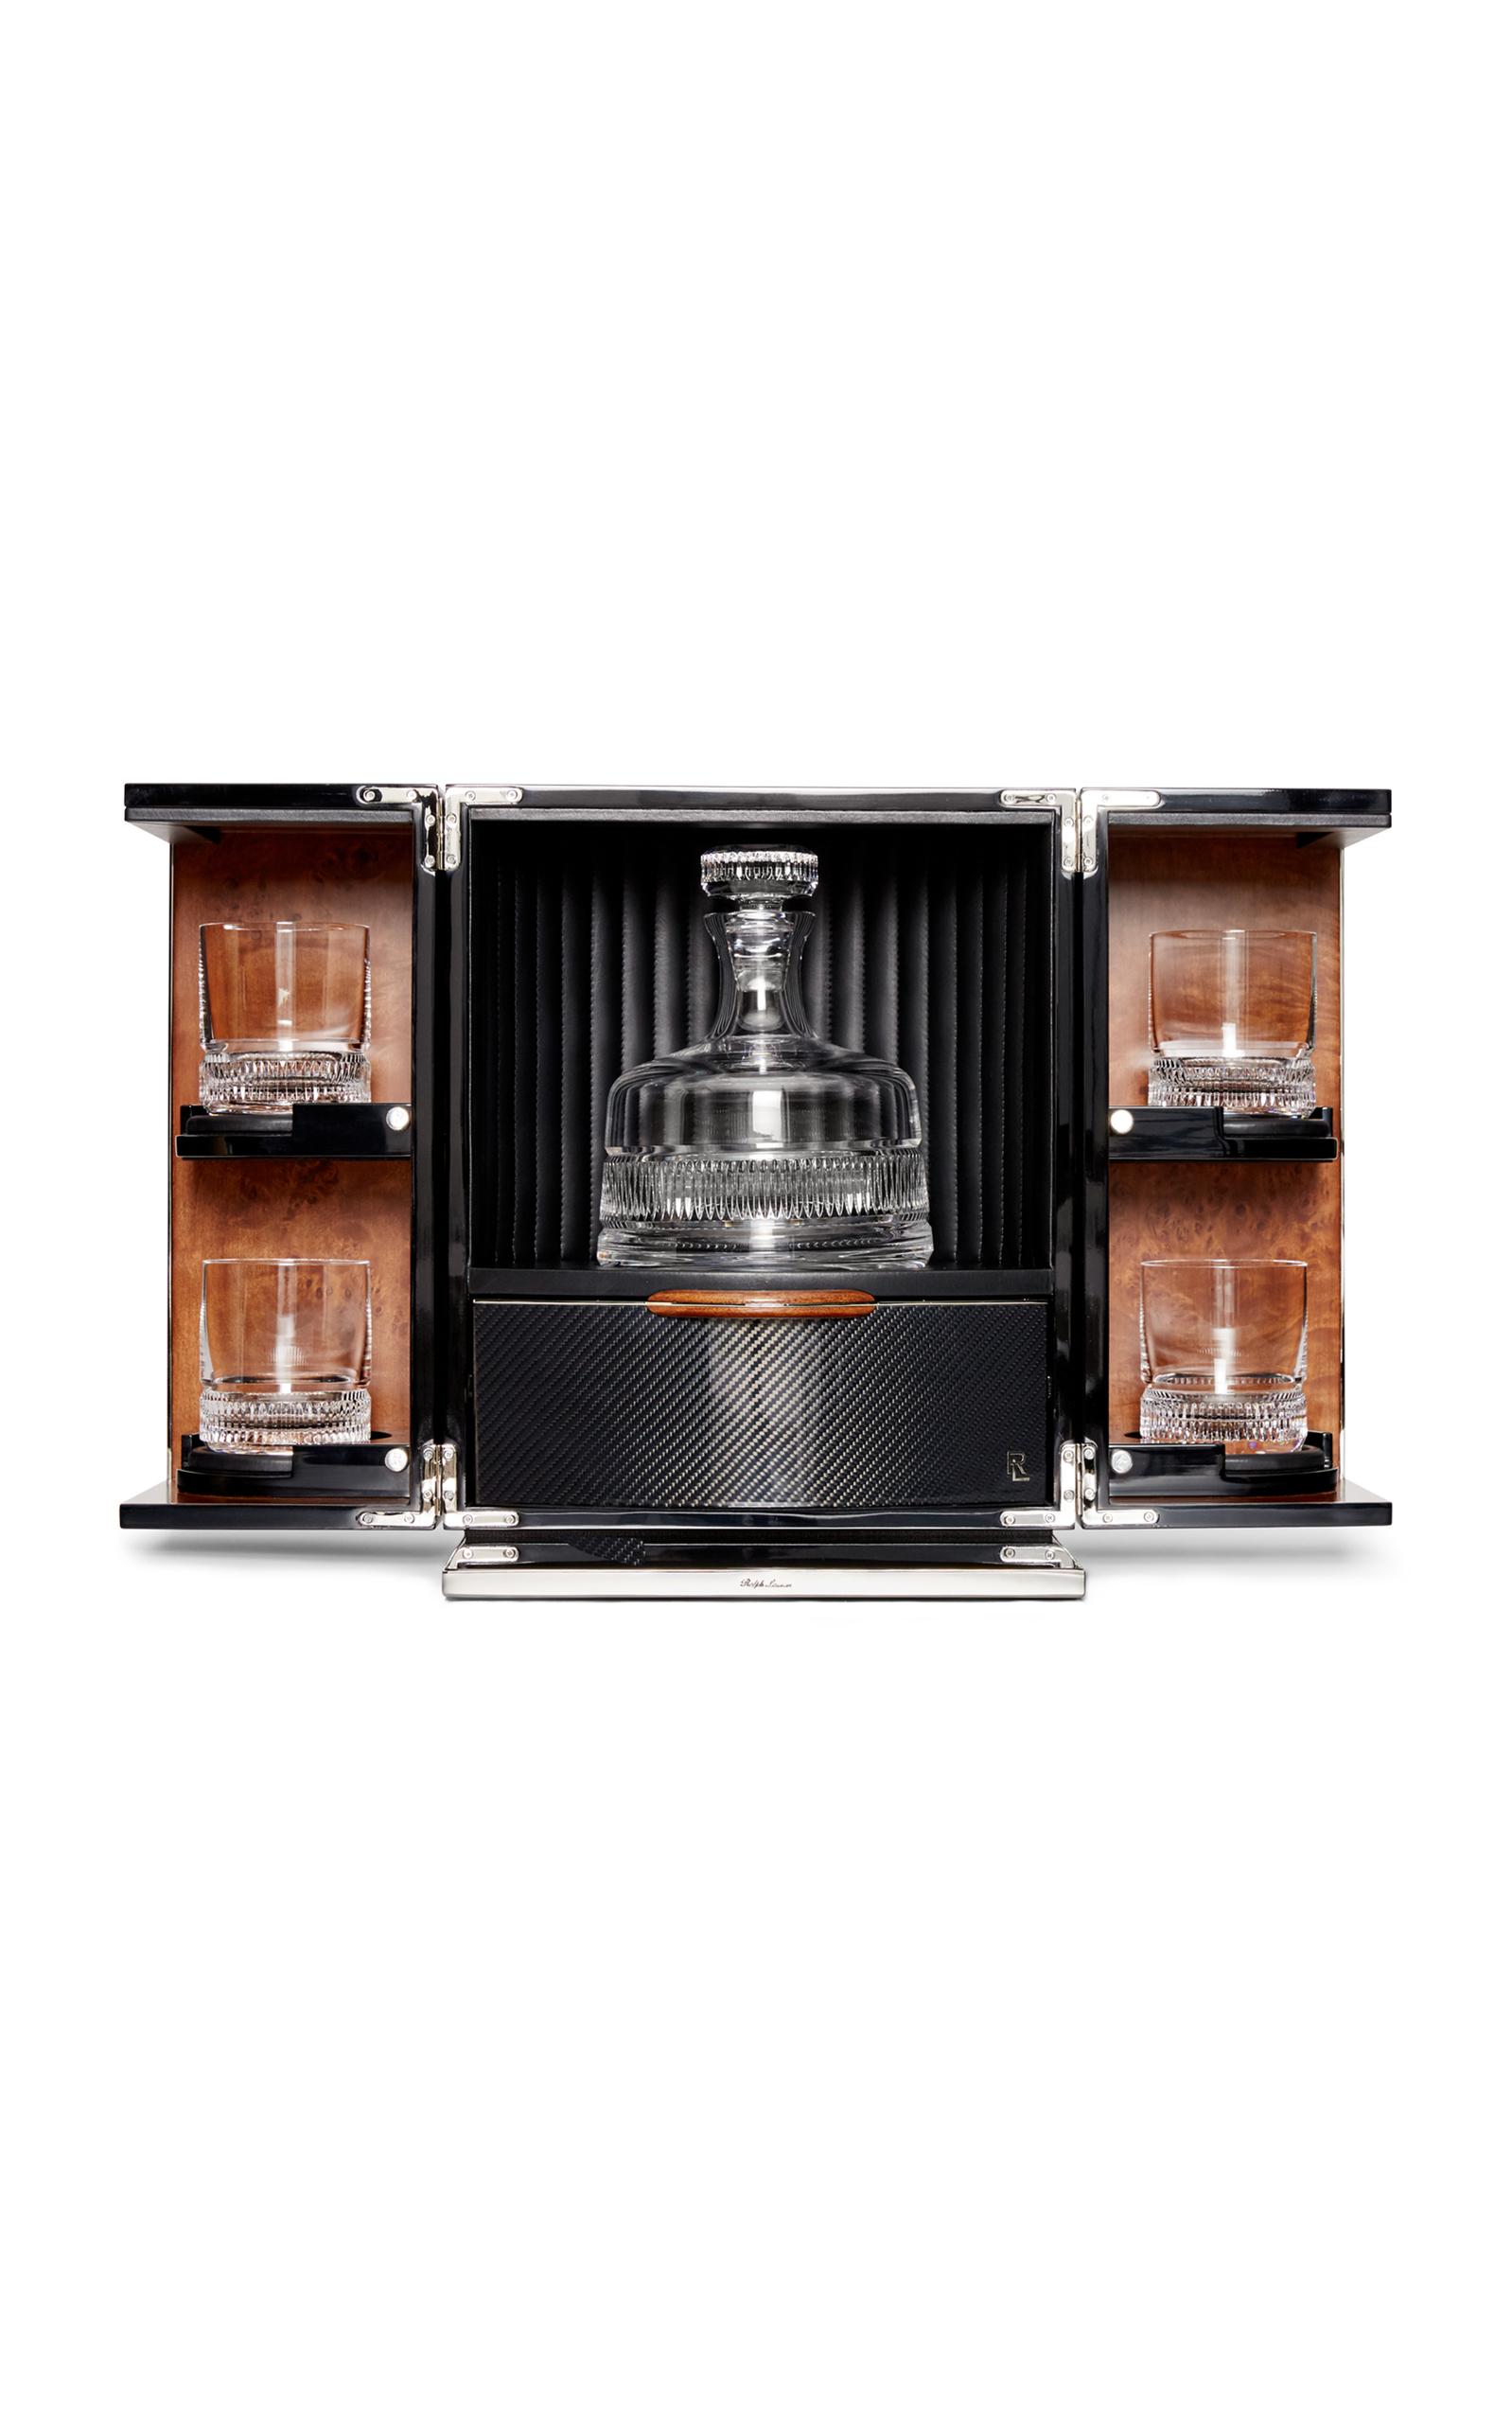 Paxton Mixology Box By Ralph Lauren Home Moda Operandi # Muebles Ralph Lauren Espana